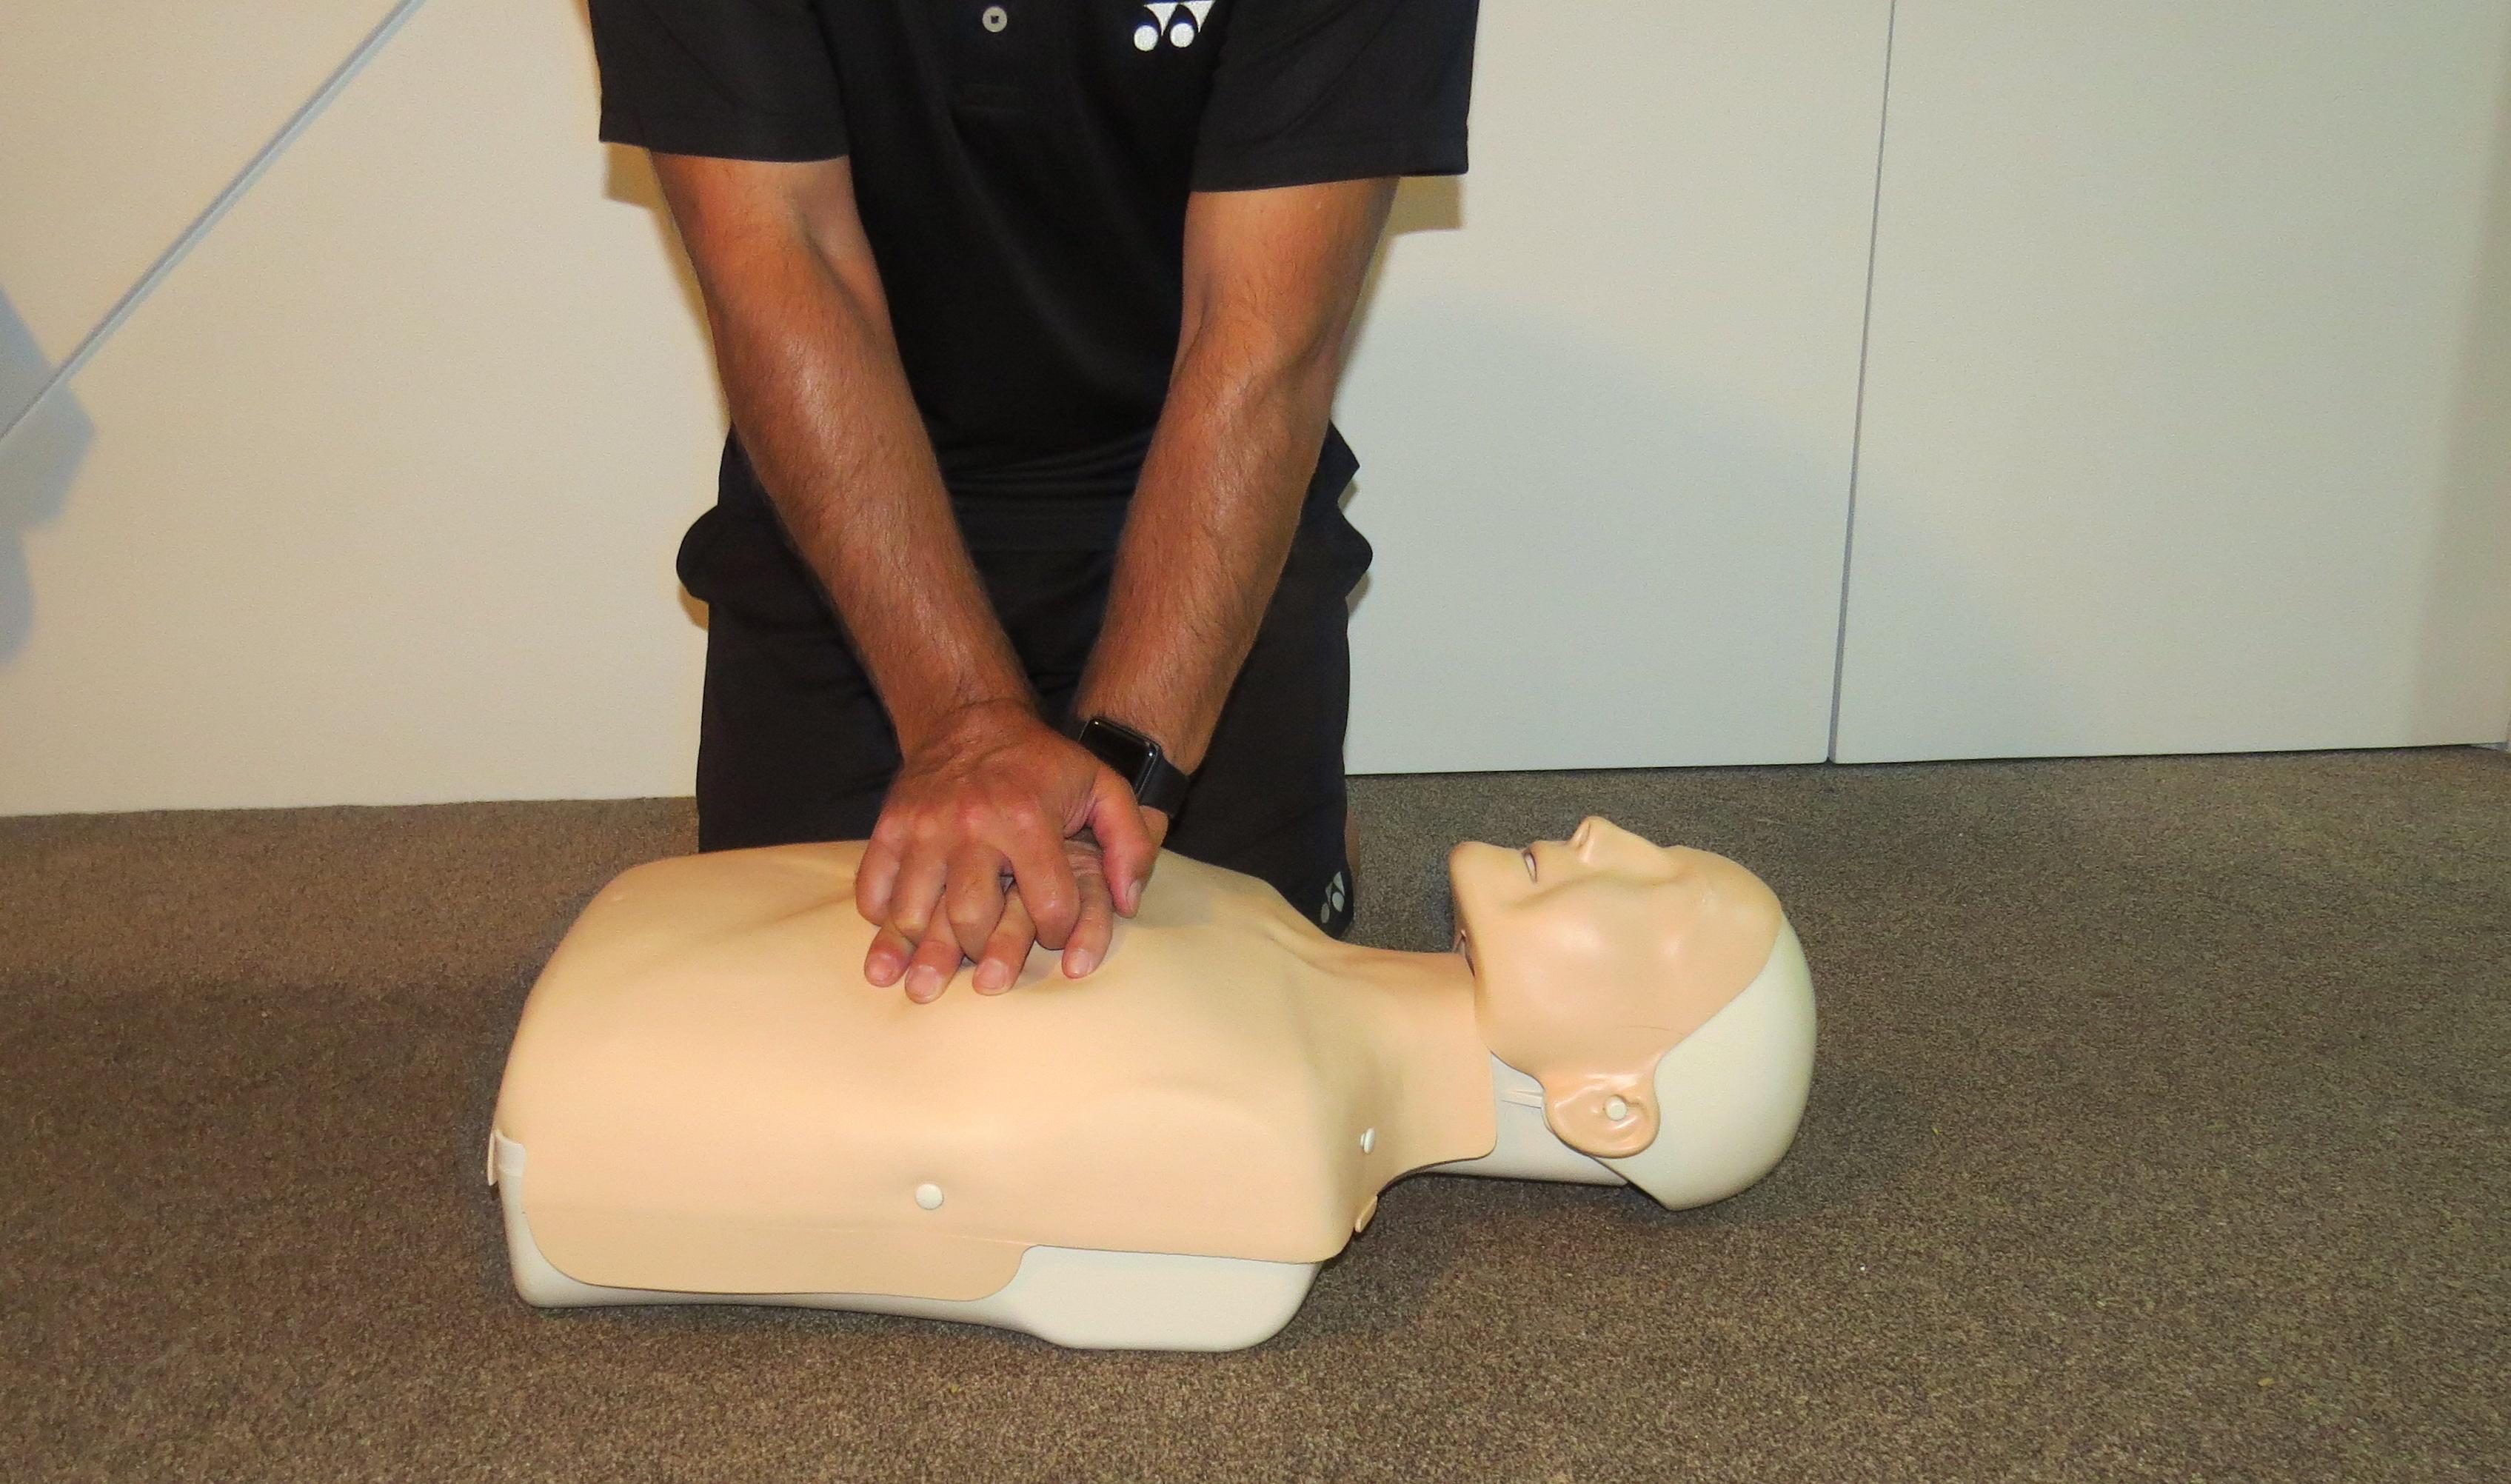 CPR mannikin